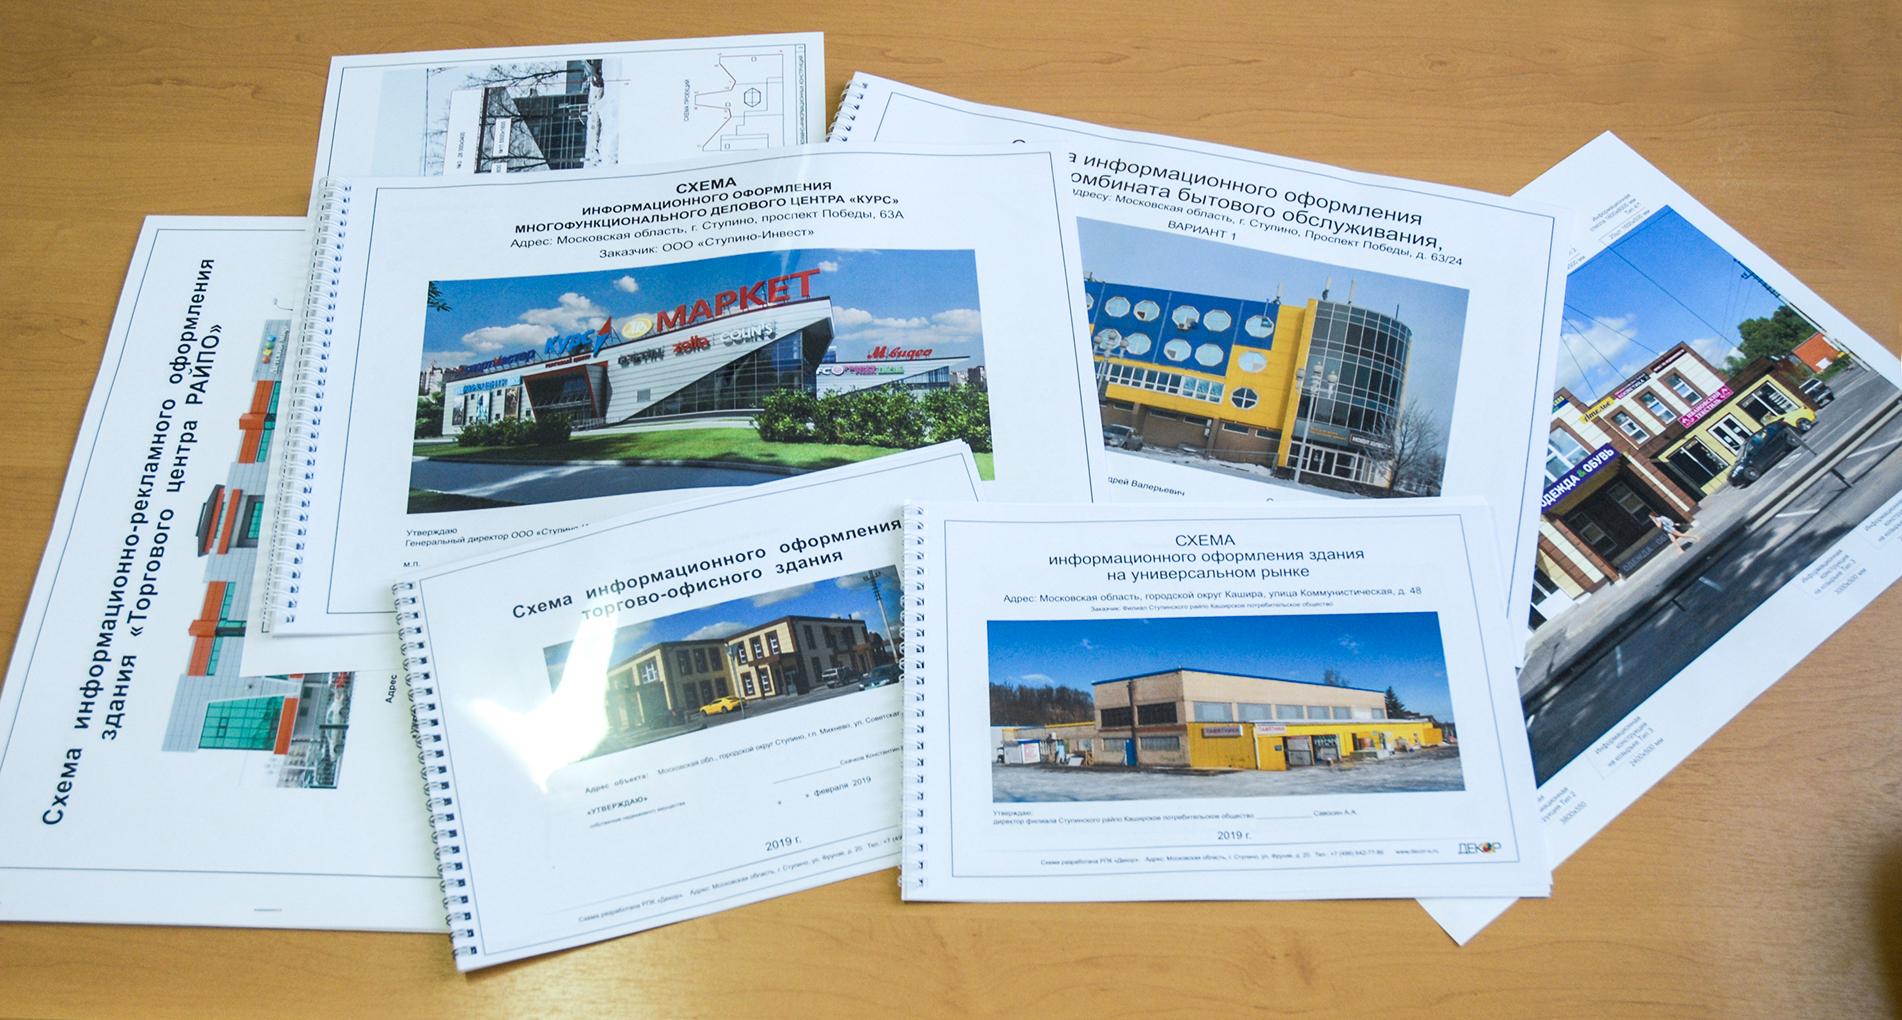 Разработка и согласование СХЕМ информационного (рекламно-информационного) оформления зданий